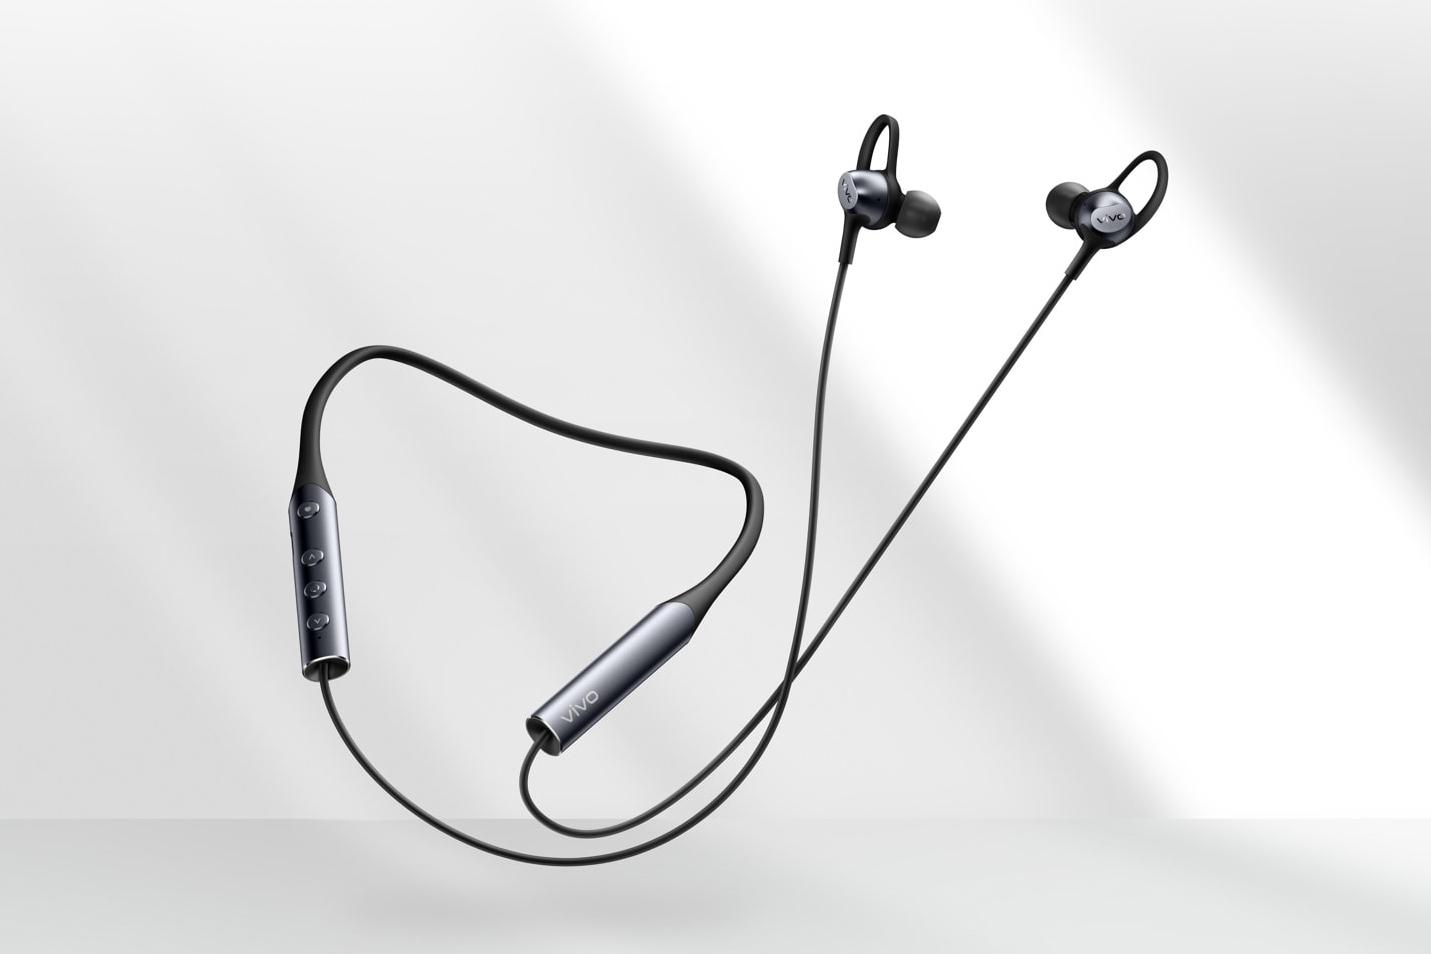 vivo Wireless Sport Lite Kulaklıklar, belirli küresel pazarlarda piyasaya sunulacak 2021